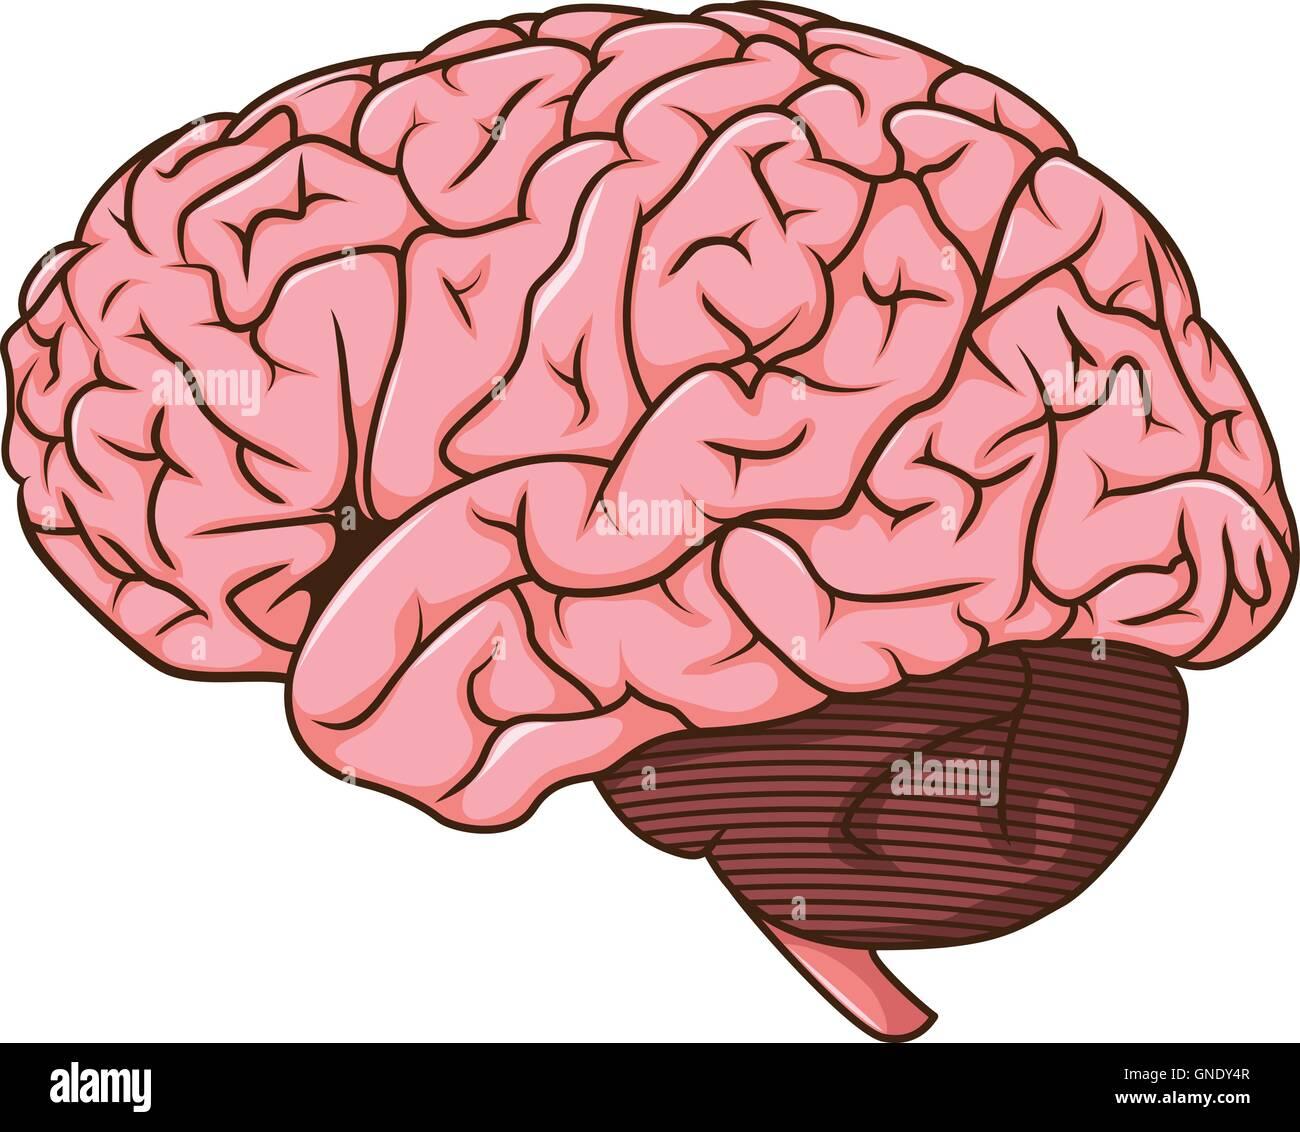 Cerebro Humano cartoon Imagen De Stock